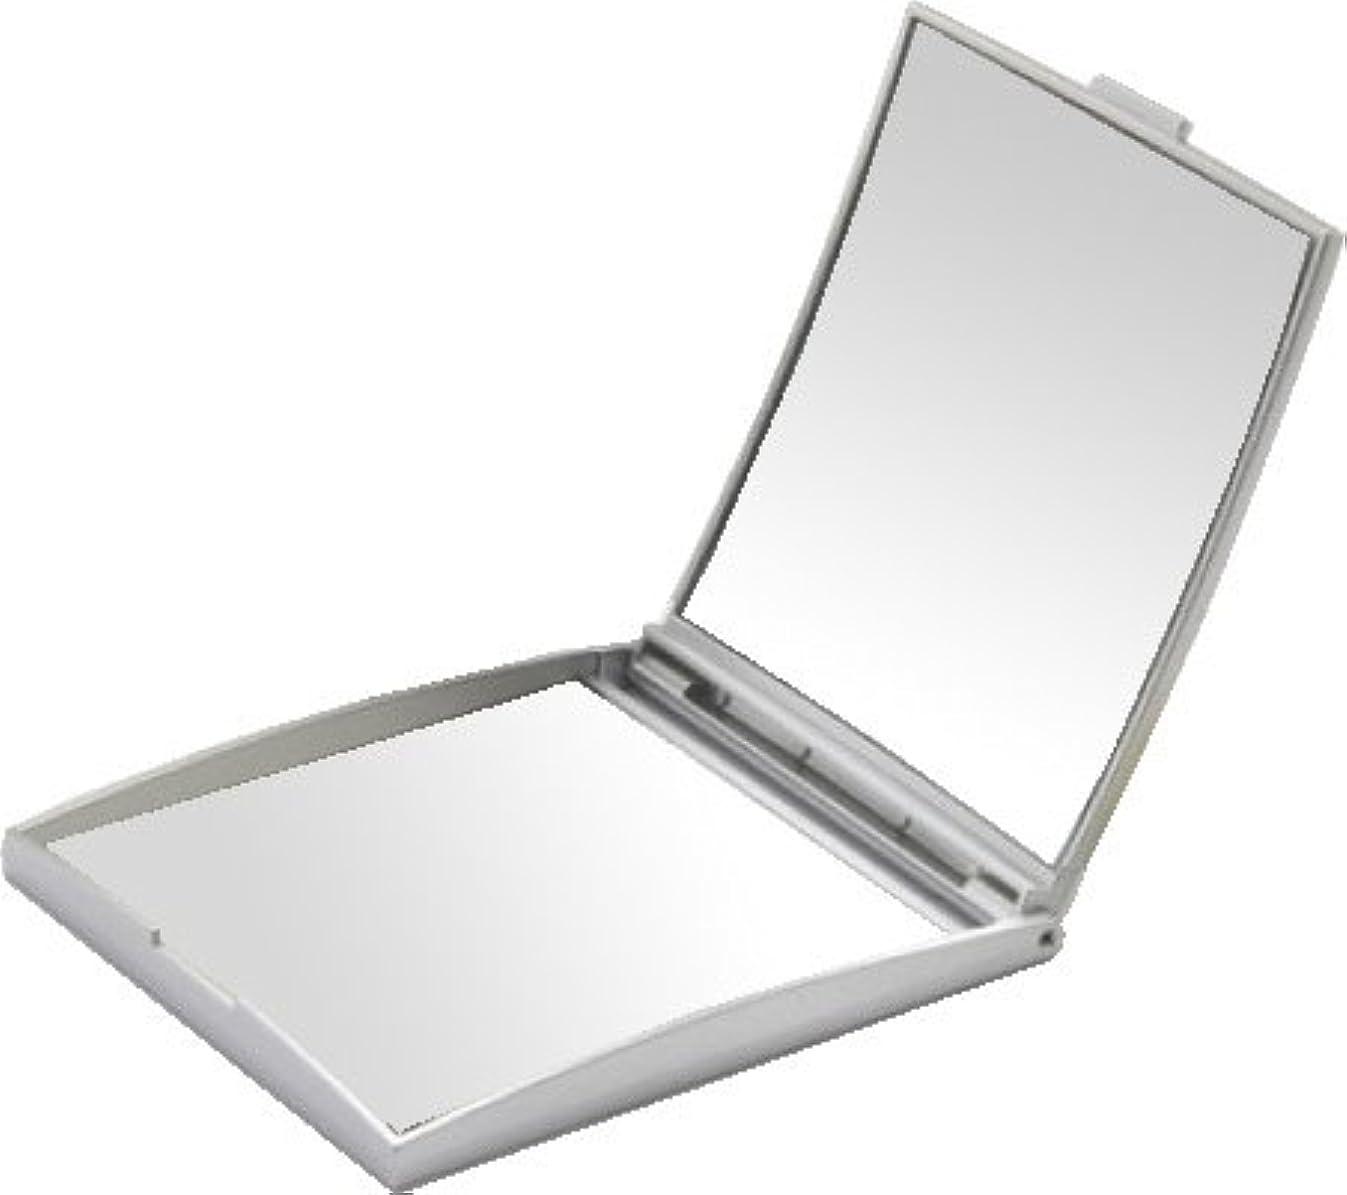 アノイムス道徳メリー 片面約5倍拡大鏡付コンパクトミラー Sサイズ シルバー AD-105